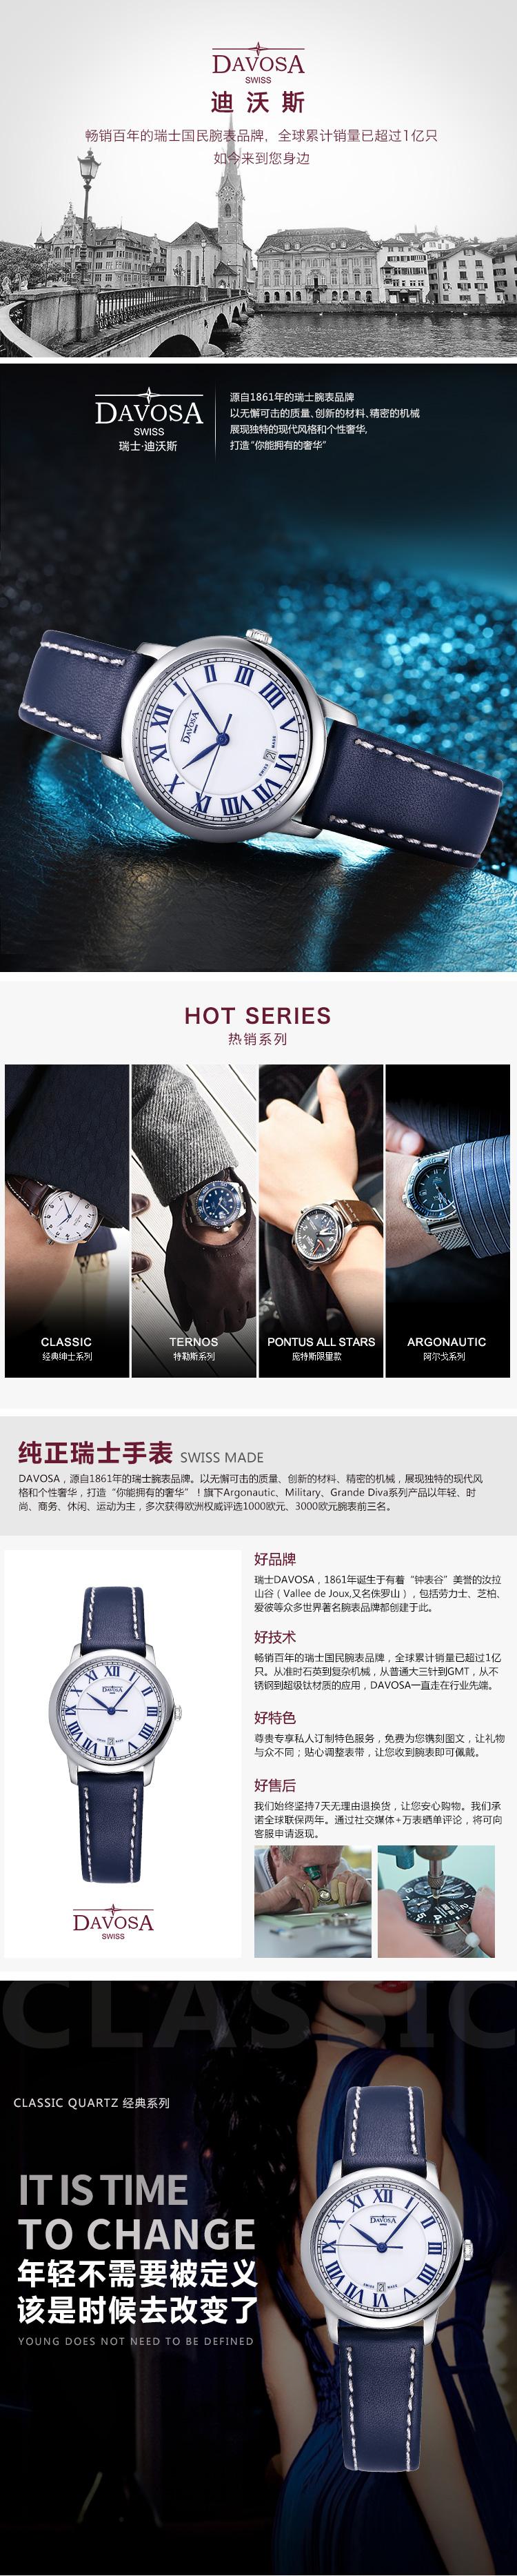 瑞士迪沃斯(DAVOSA)-Amaranto Quartz 阿玛兰托系列 16756122 石英女表